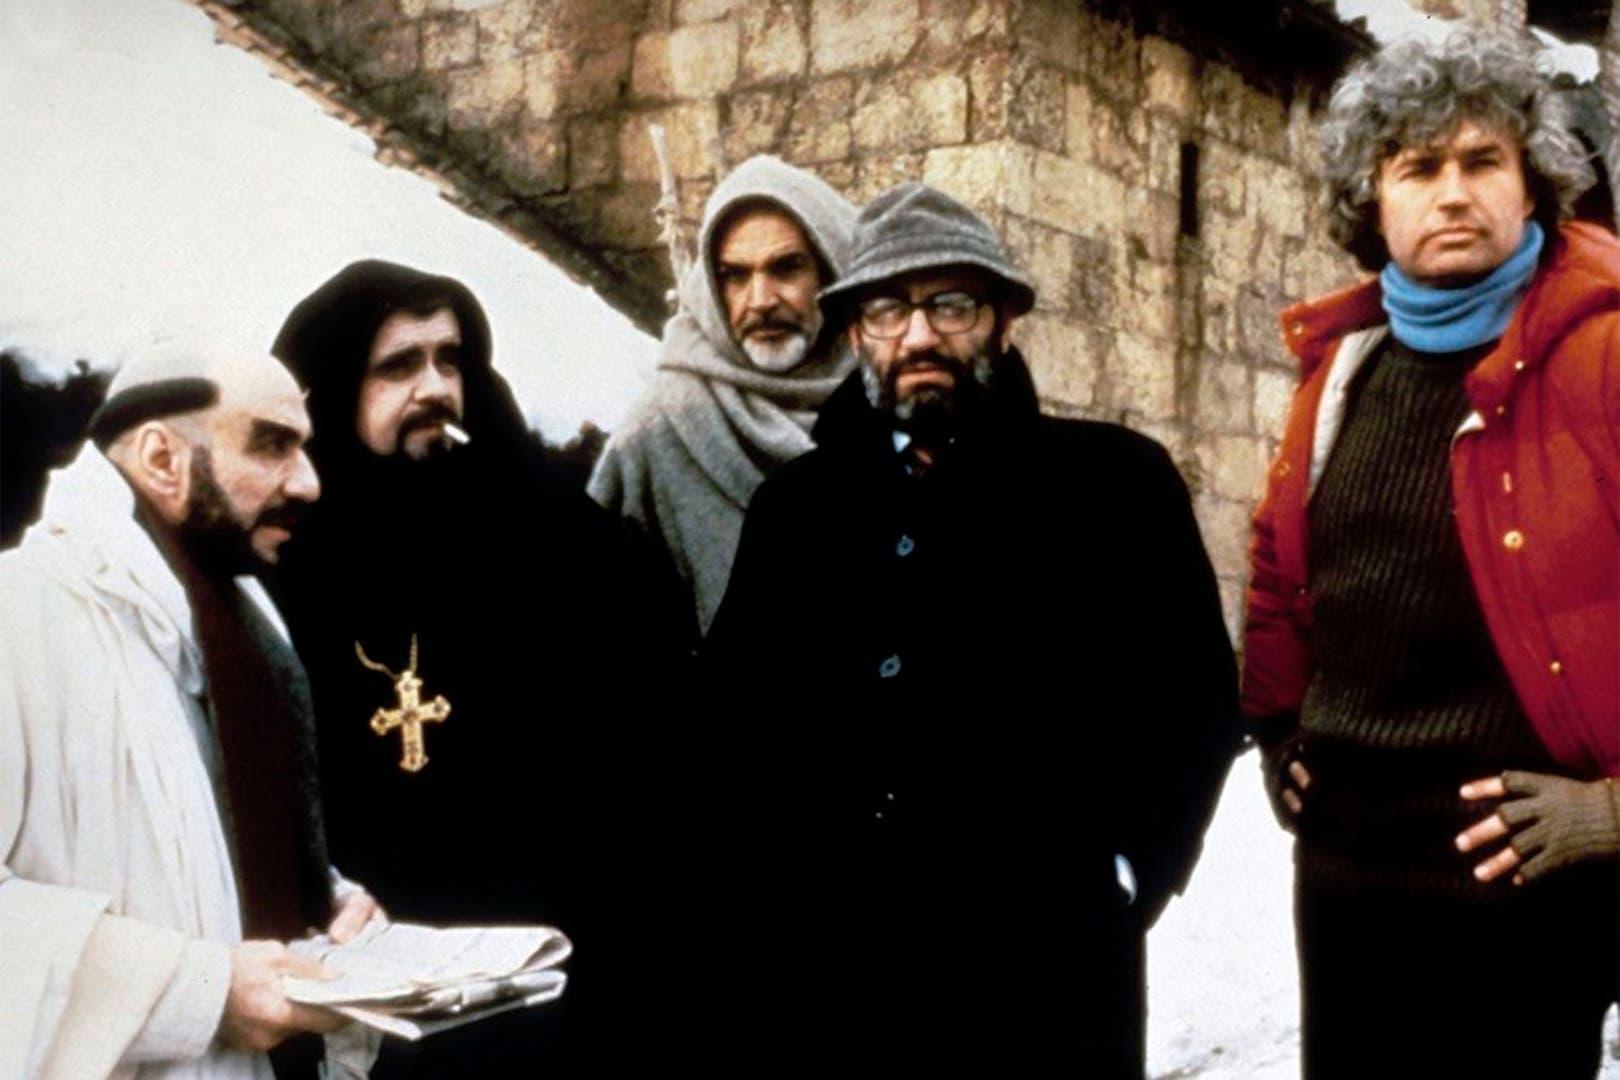 F. Murray Abraham, Michael Lonsdale, Sean Connery, Umberto Eco y Jean-Jacques Annaud, en el rodaje de El nombre de la rosa